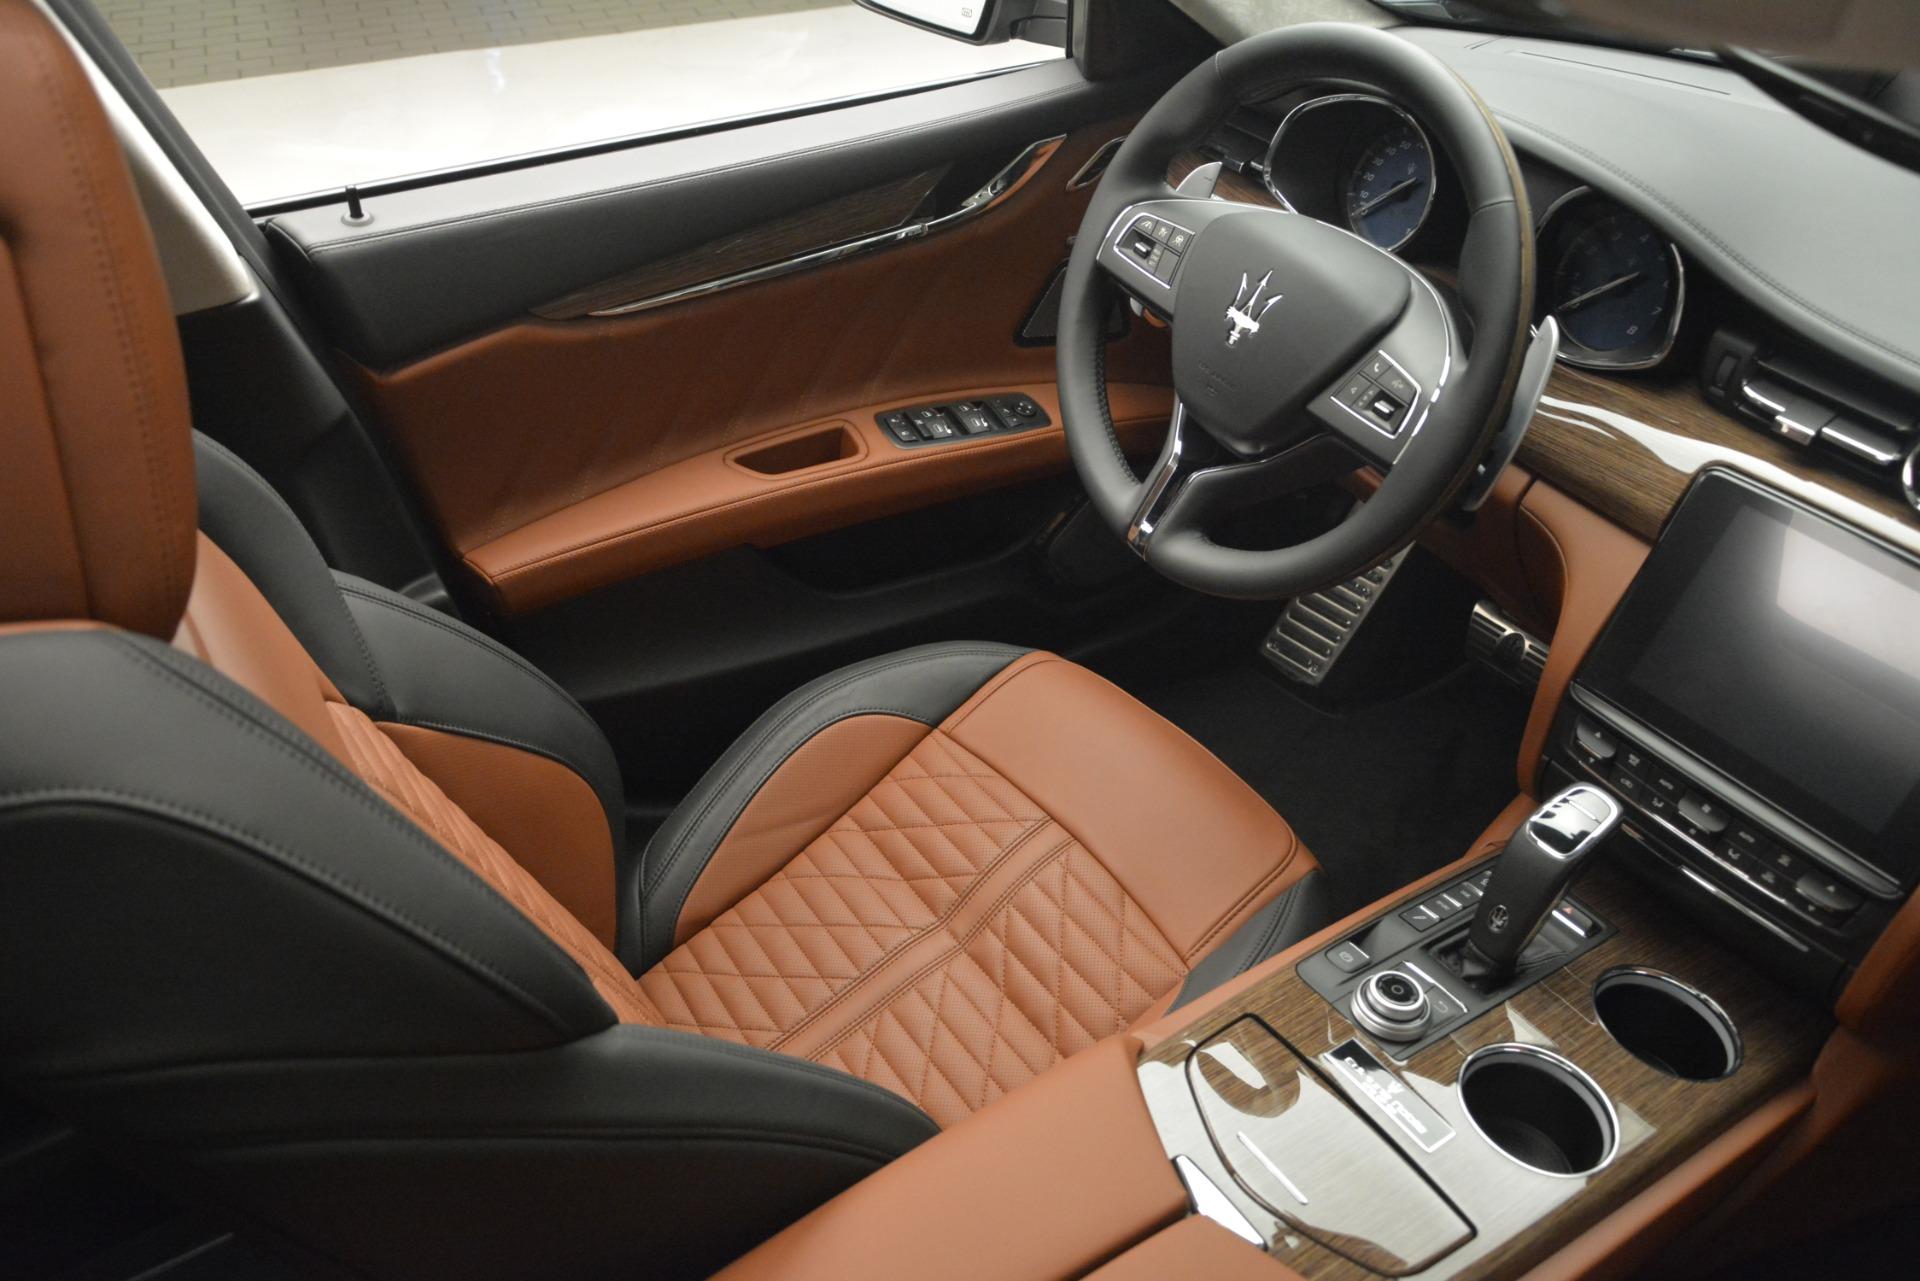 New 2019 Maserati Quattroporte S Q4 GranLusso Edizione Nobile For Sale In Greenwich, CT. Alfa Romeo of Greenwich, M2257 2898_p26